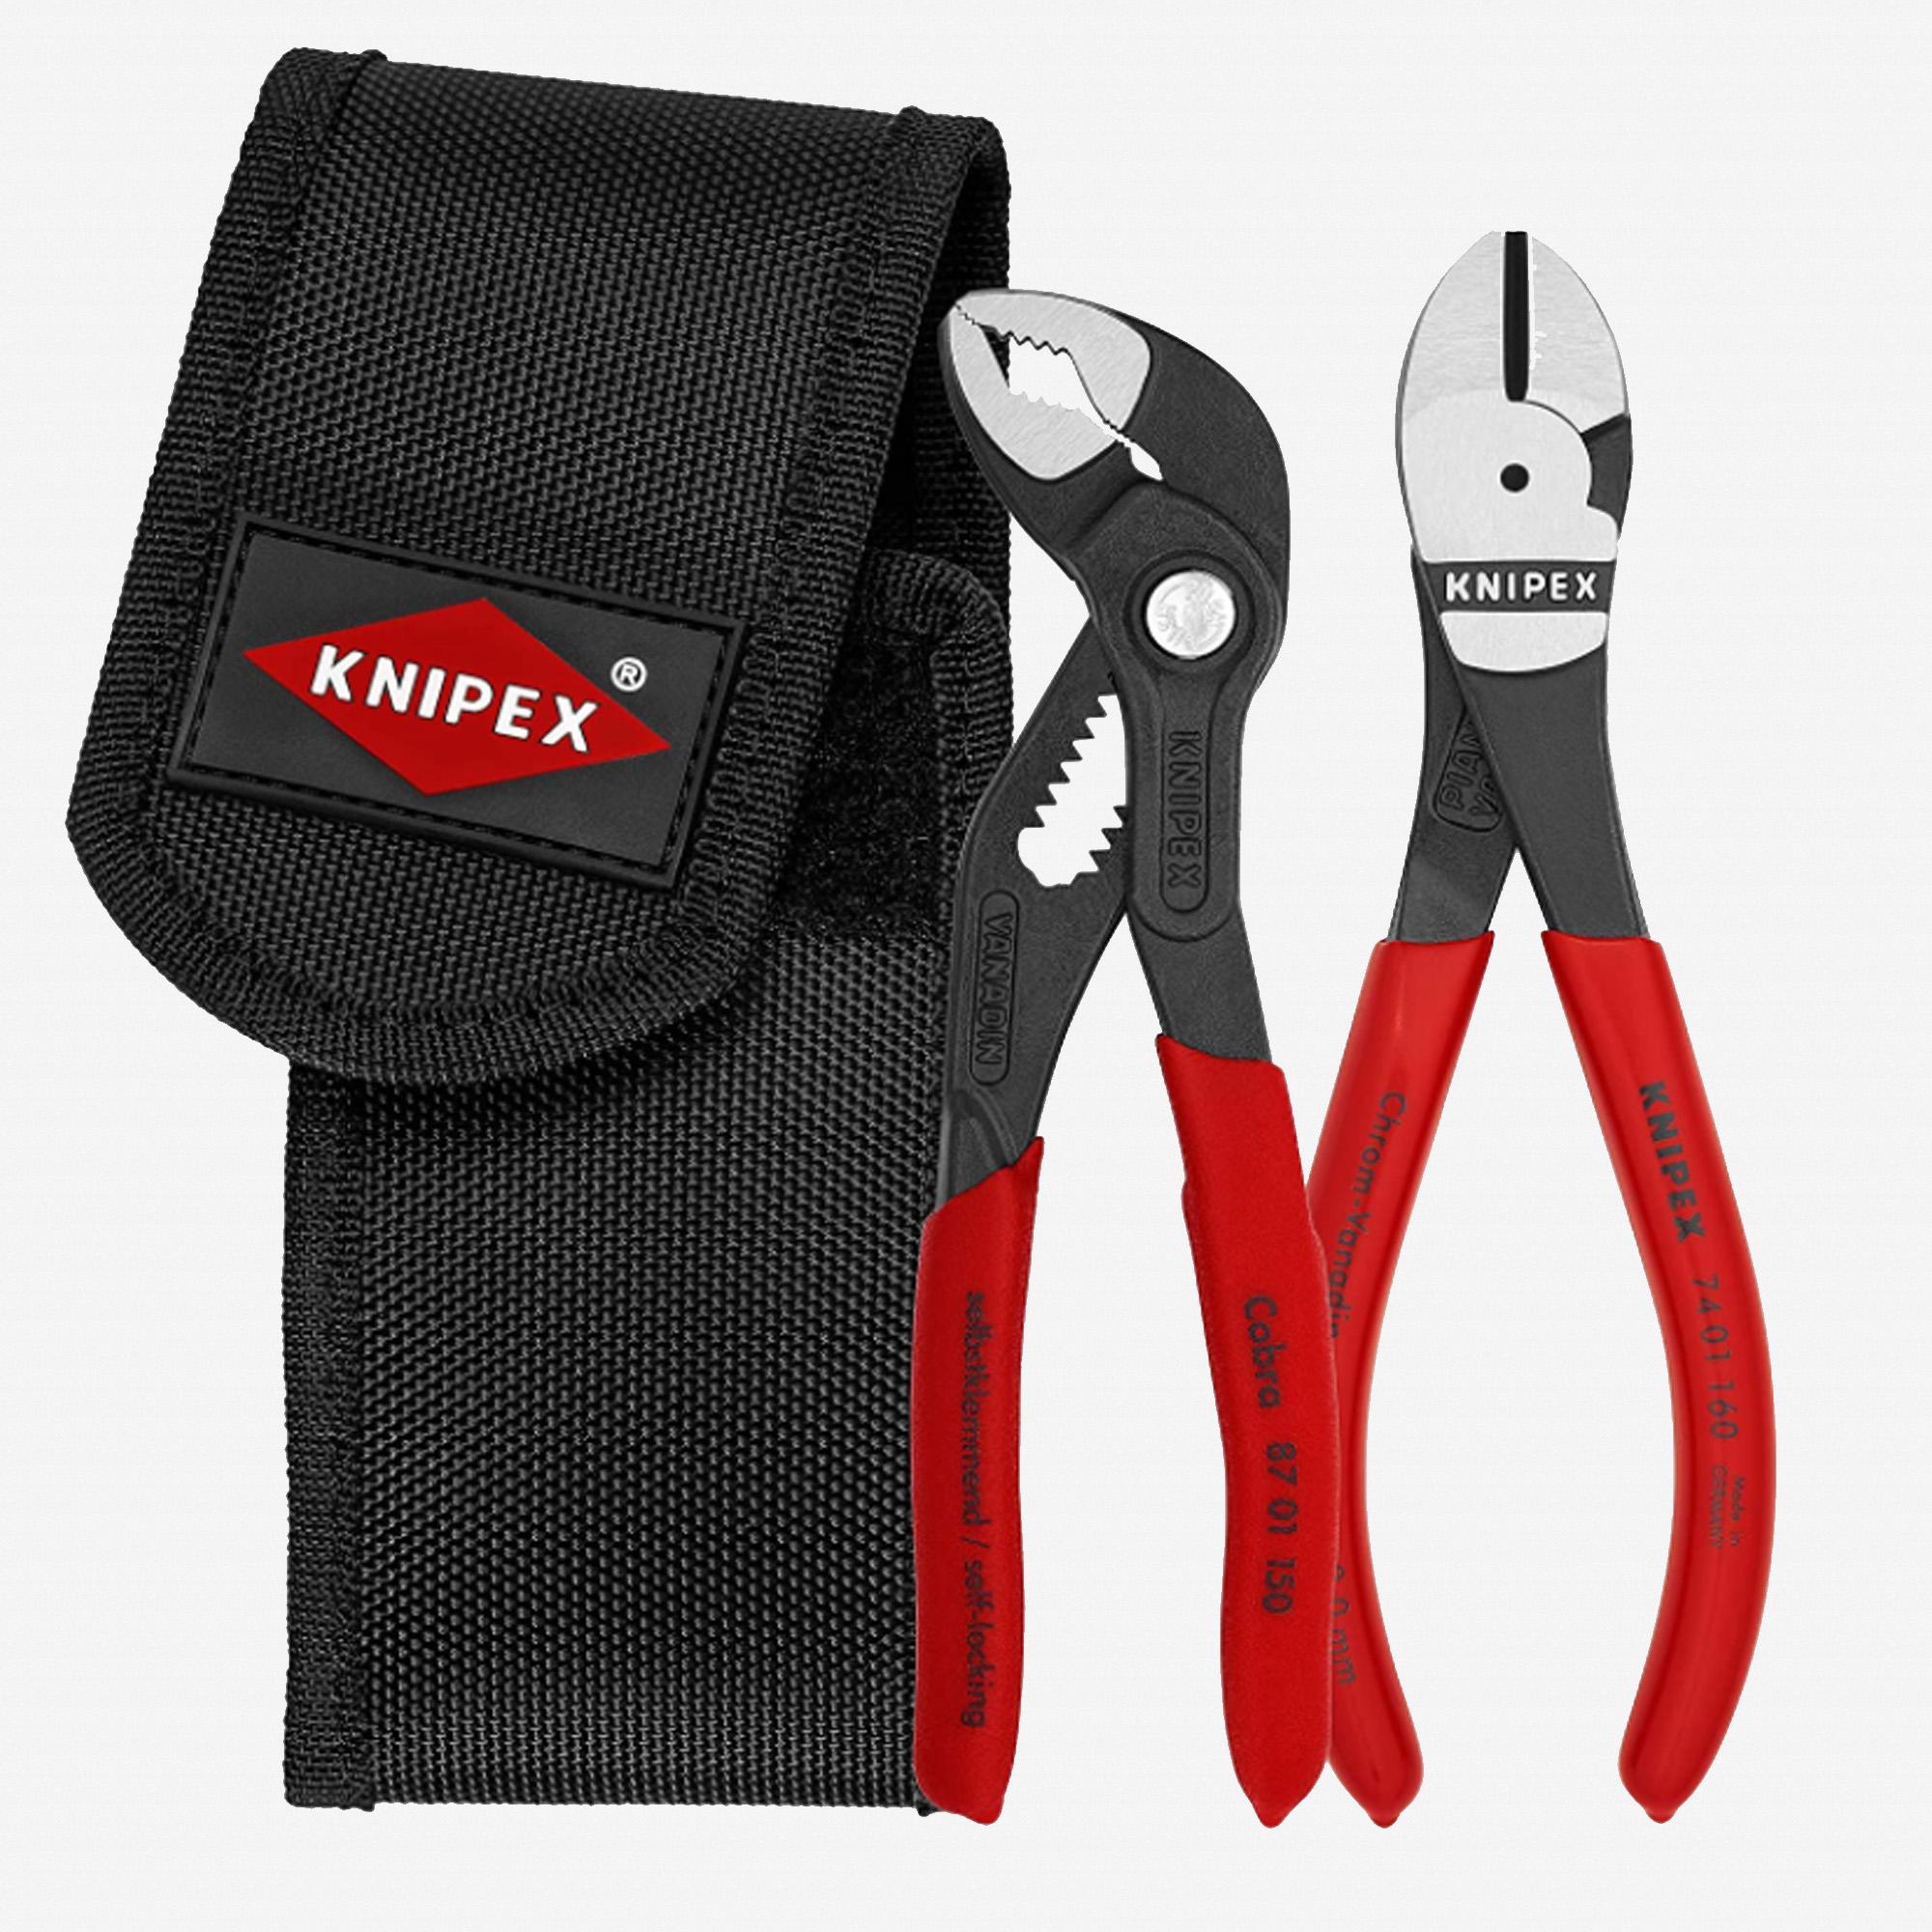 Knipex 00-20-72-V02 Mini Pliers Belt Pouch Set, 2 Pieces